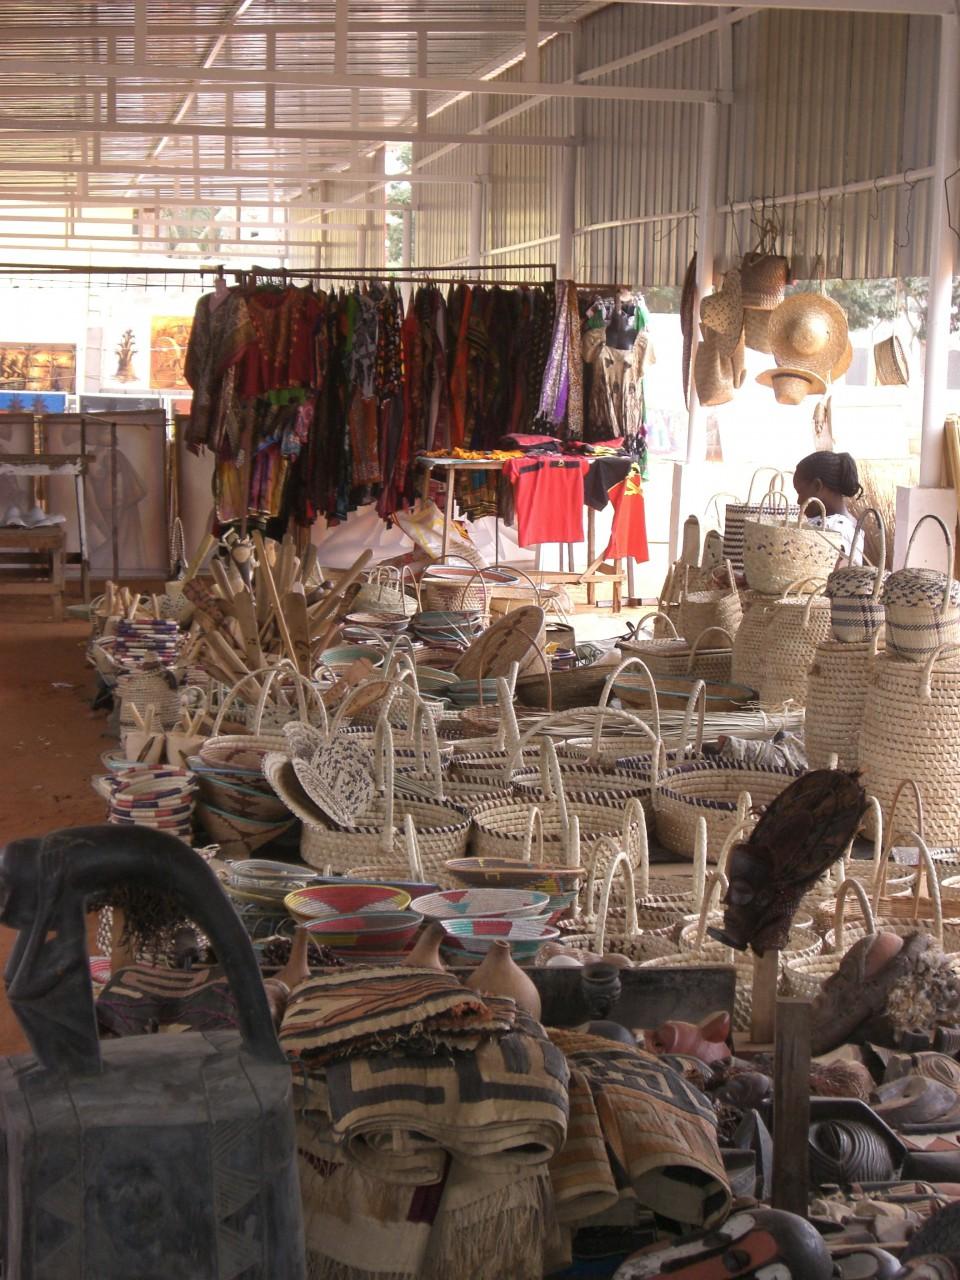 Aparador Vidro ~ Benfica Arts and Craft Market ou Feira Artesanal da Belas Vivre en Angola